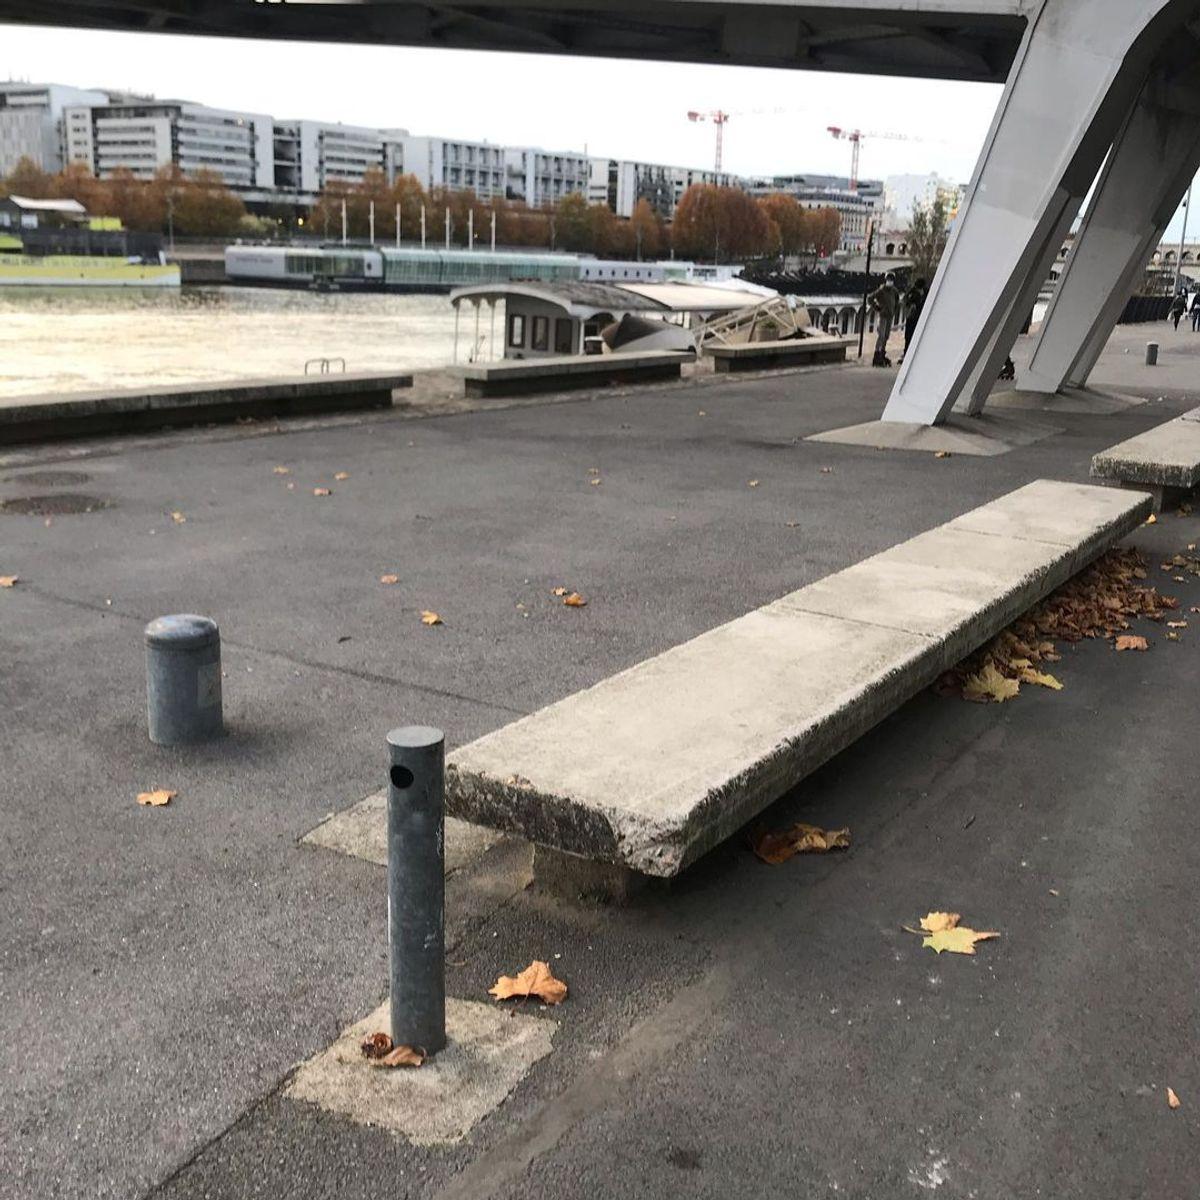 Image for skate spot Port de Bercy - Ledges